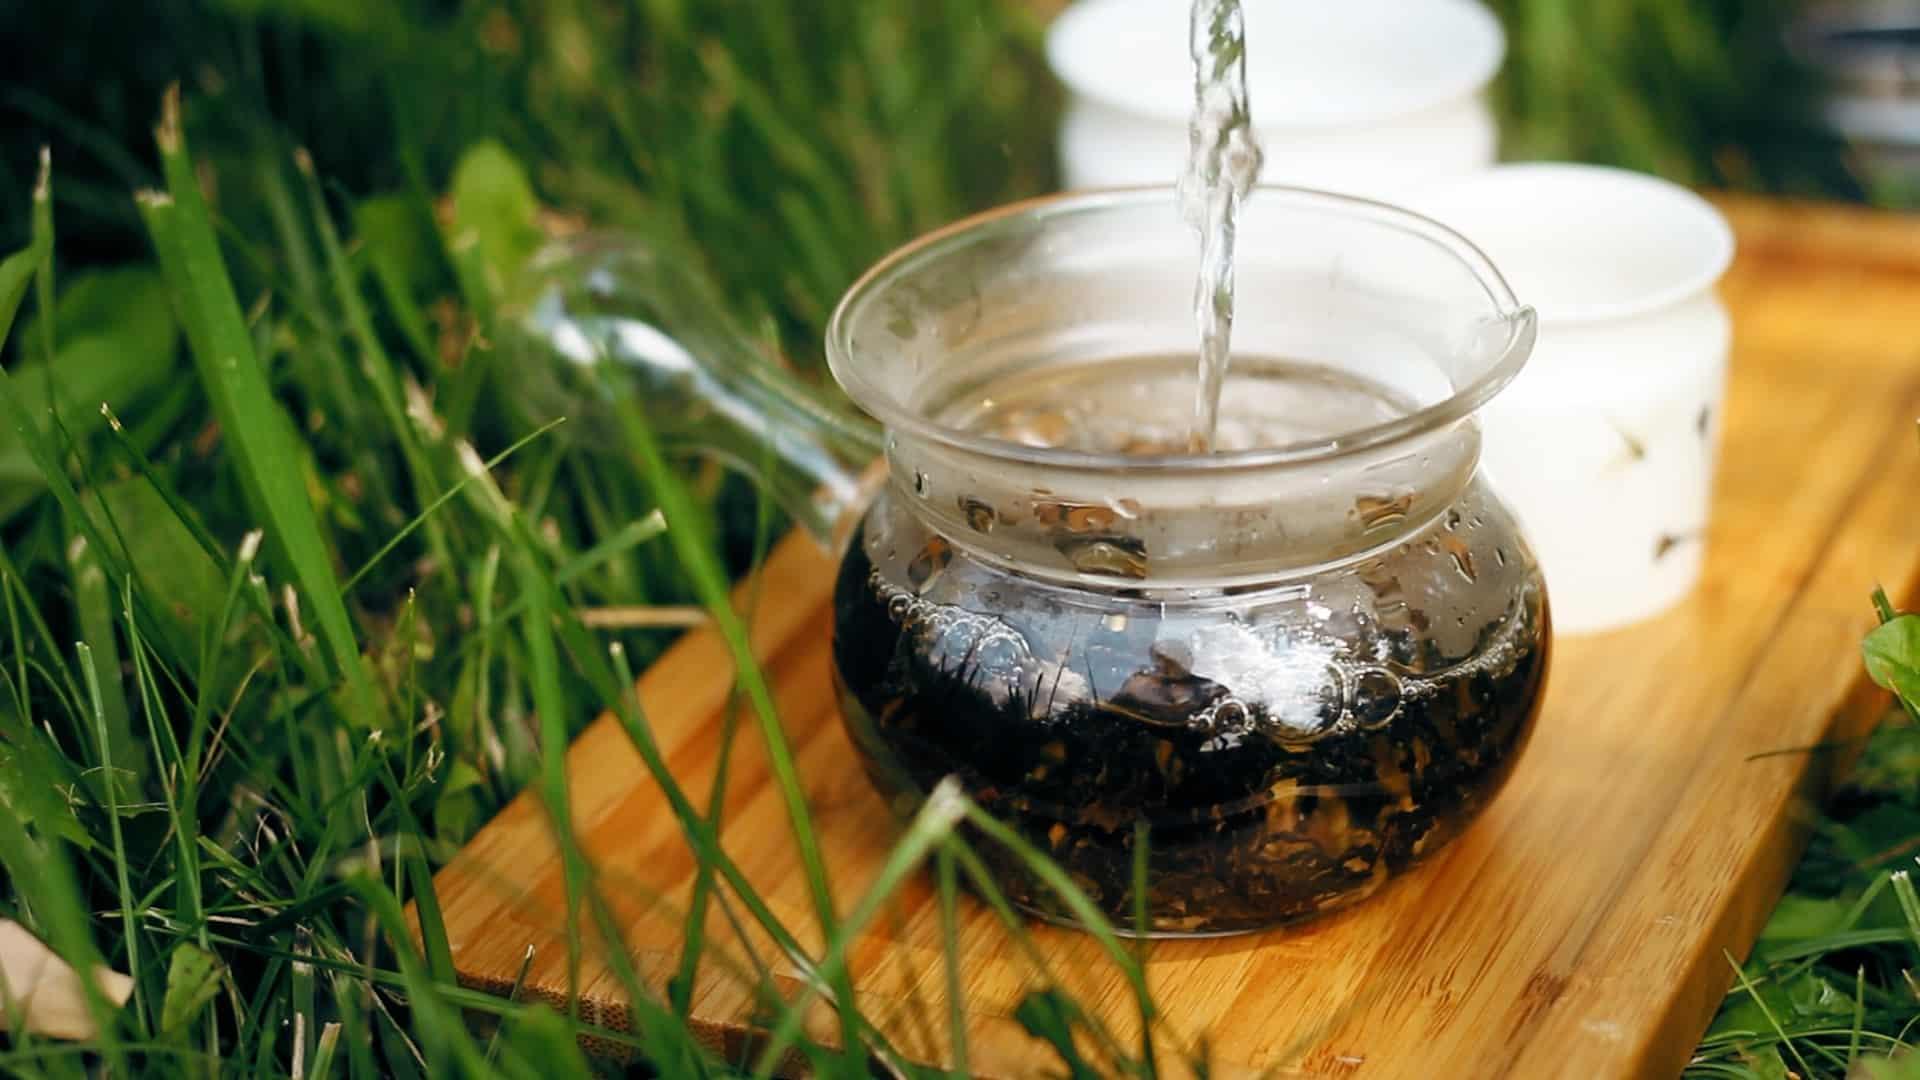 Szlachetna herbata produkowana z udziałem koników polnych: parzenie